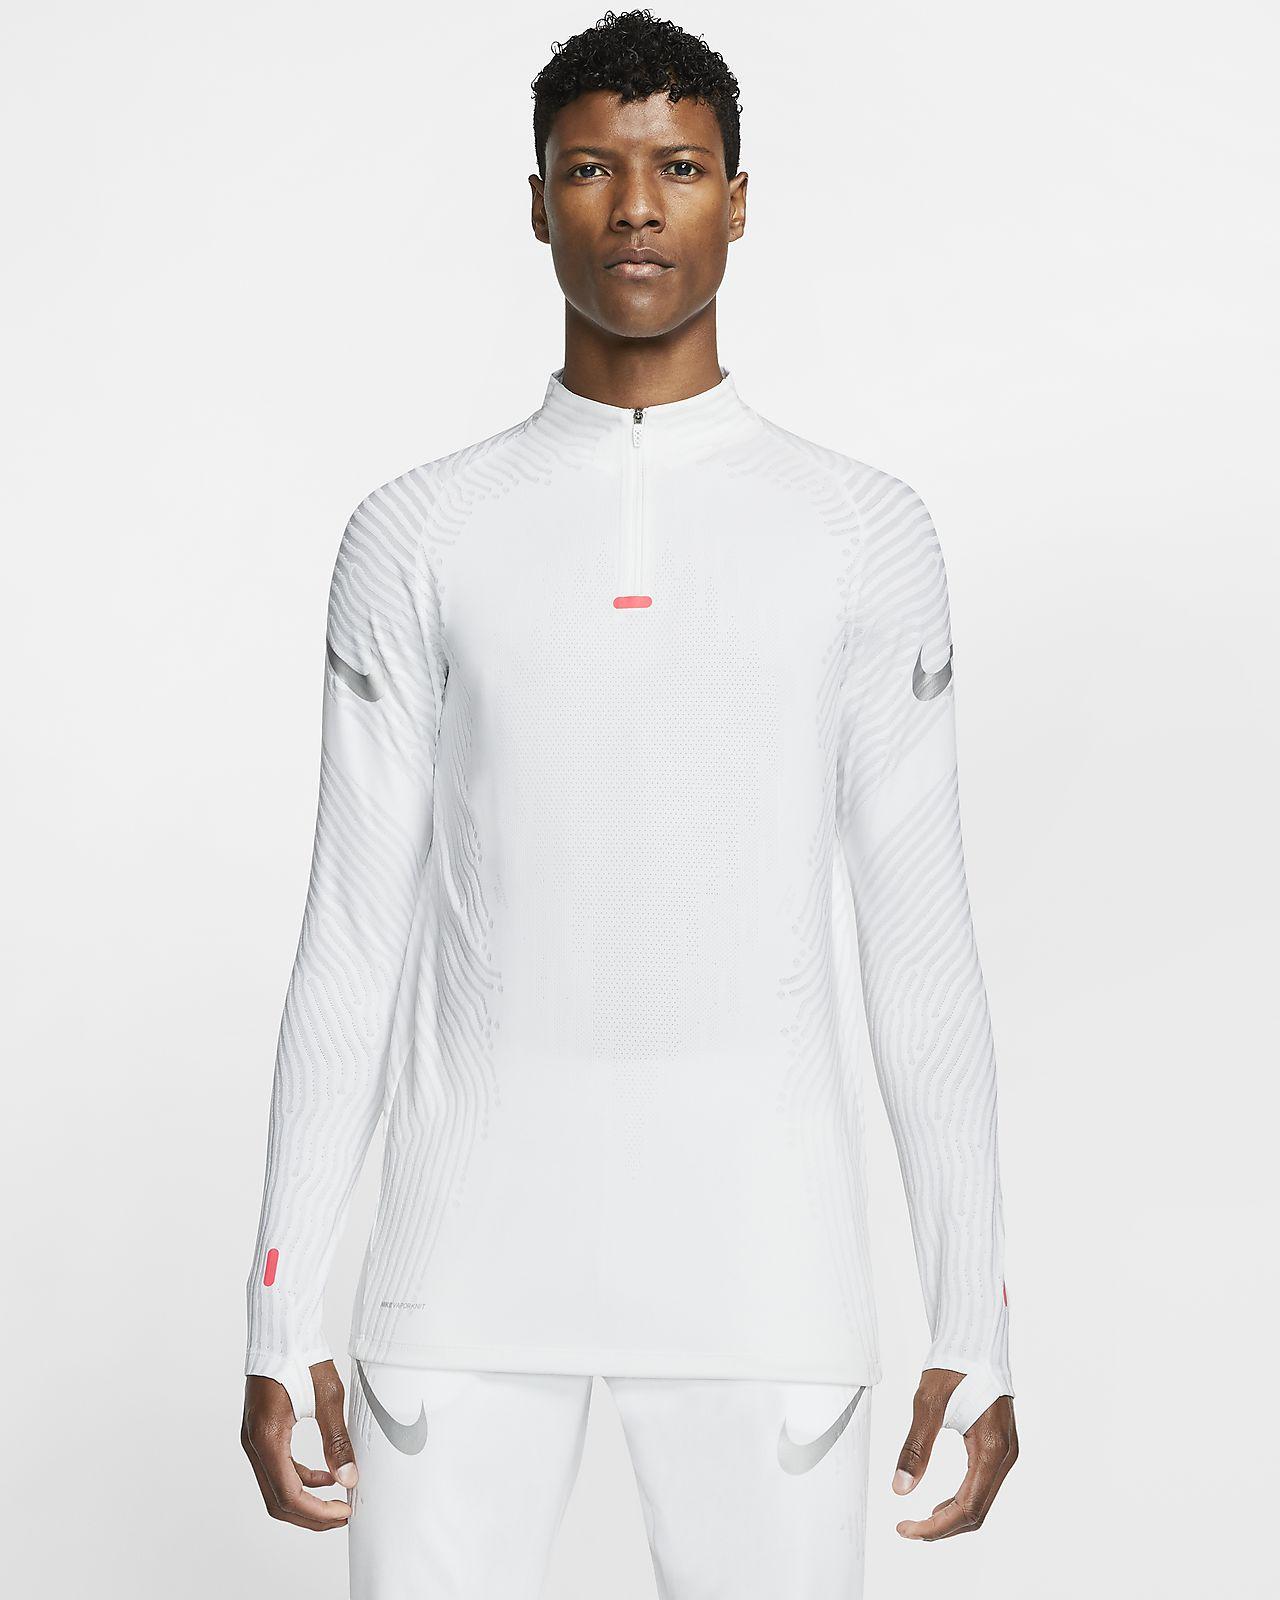 Fotbollsträningströja Nike VaporKnit Strike för män